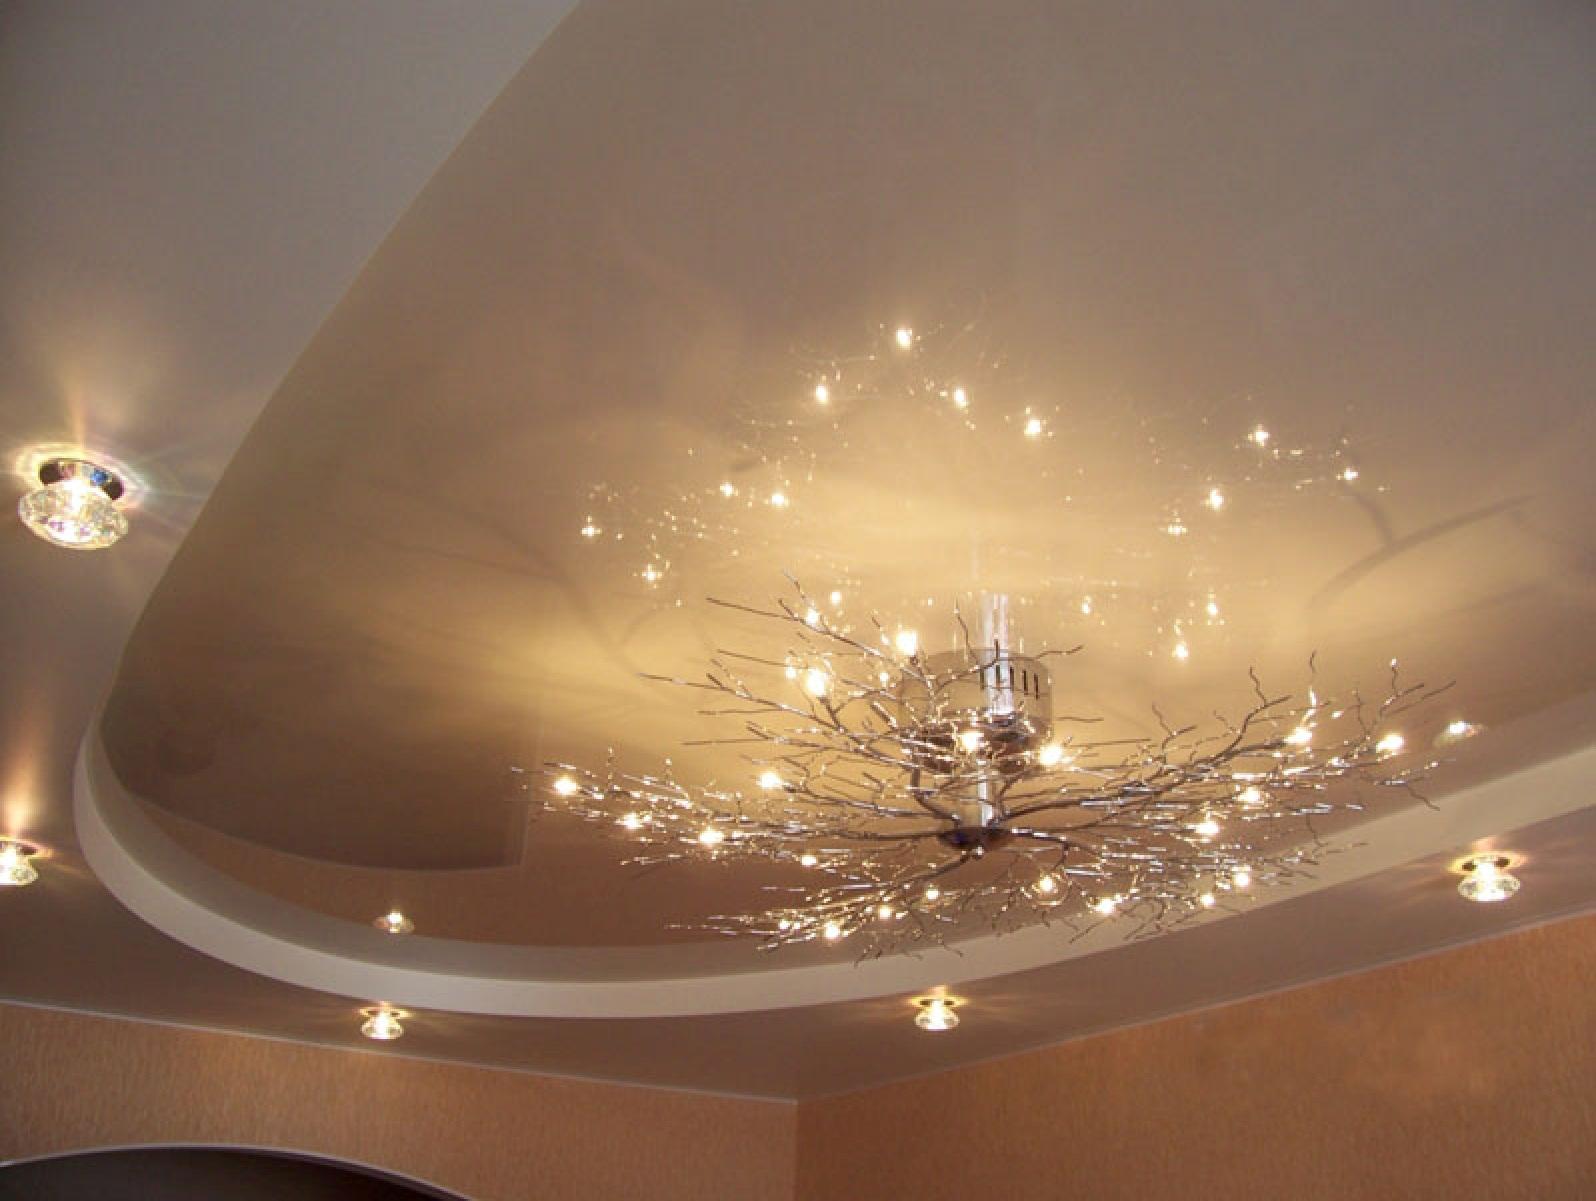 Ремонт потолка своими руками. Поклейка интерьерного багета